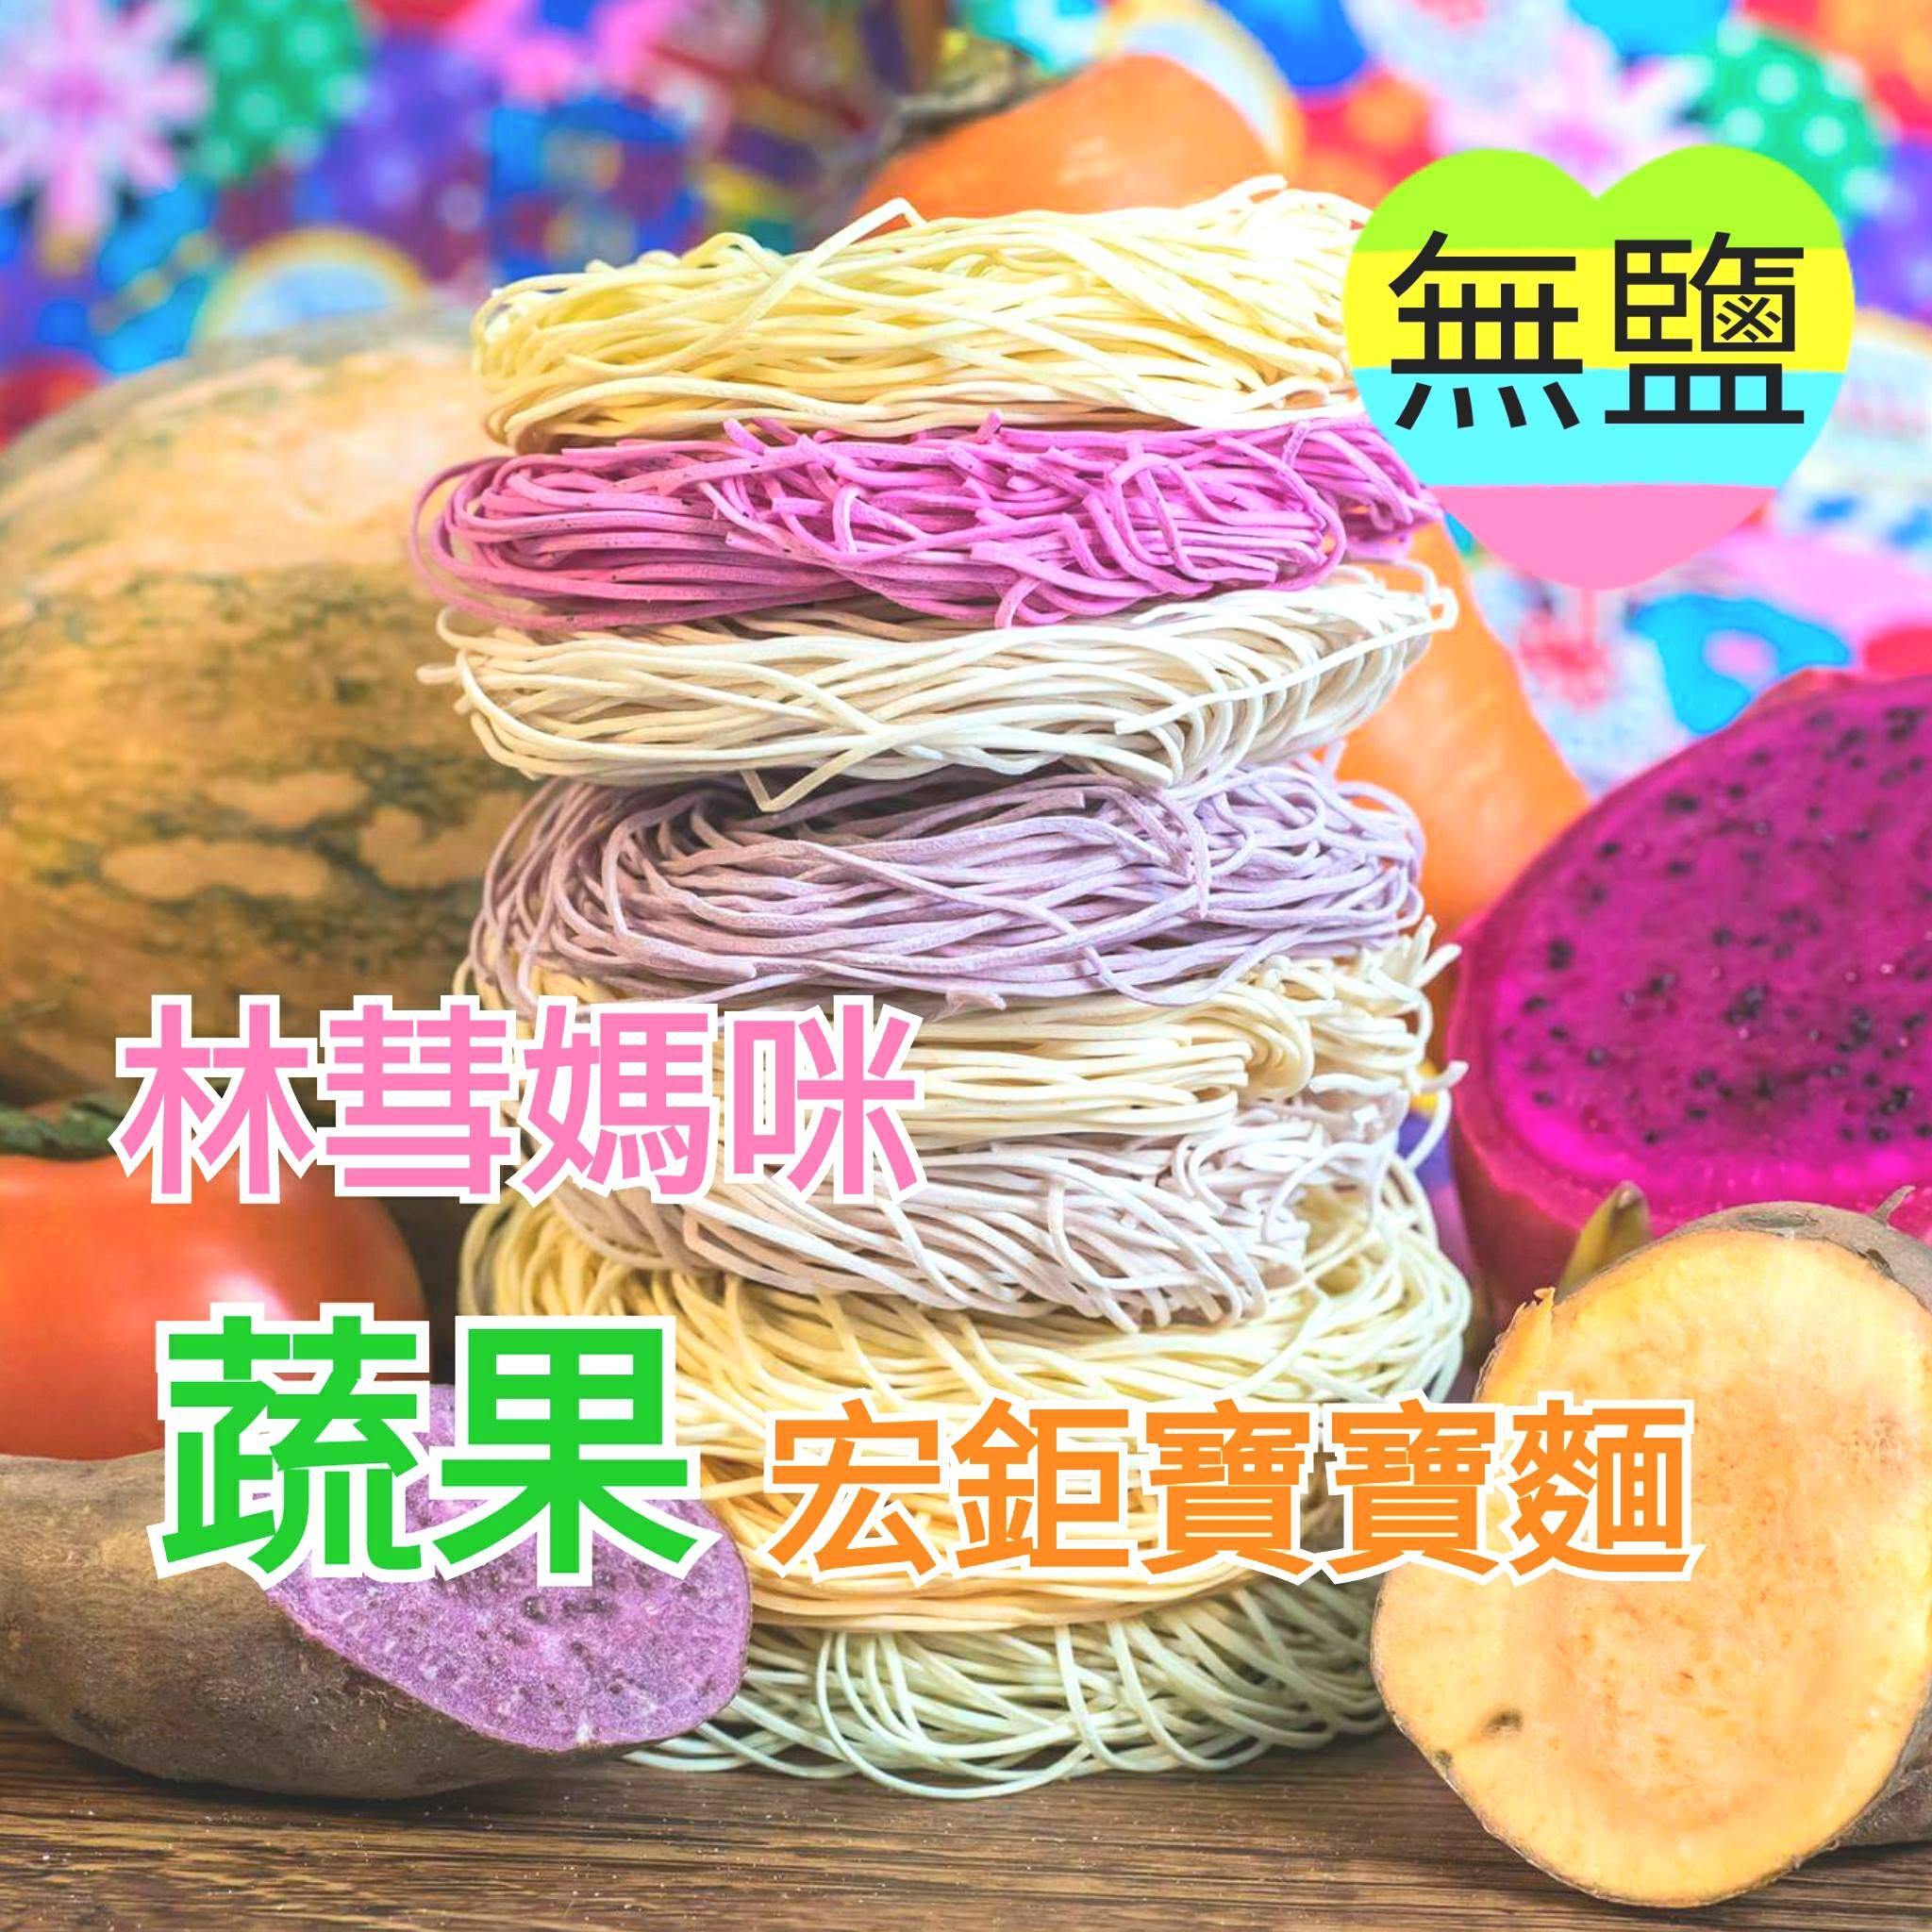 無鹽寶寶麵-蔬果系列 (6入,168g±4.5%/包)副食品 南瓜 紅蘿蔔 紫地瓜 雞蛋 紫山藥 芋頭 海菜 紅地瓜 黃金地瓜 紅甜椒